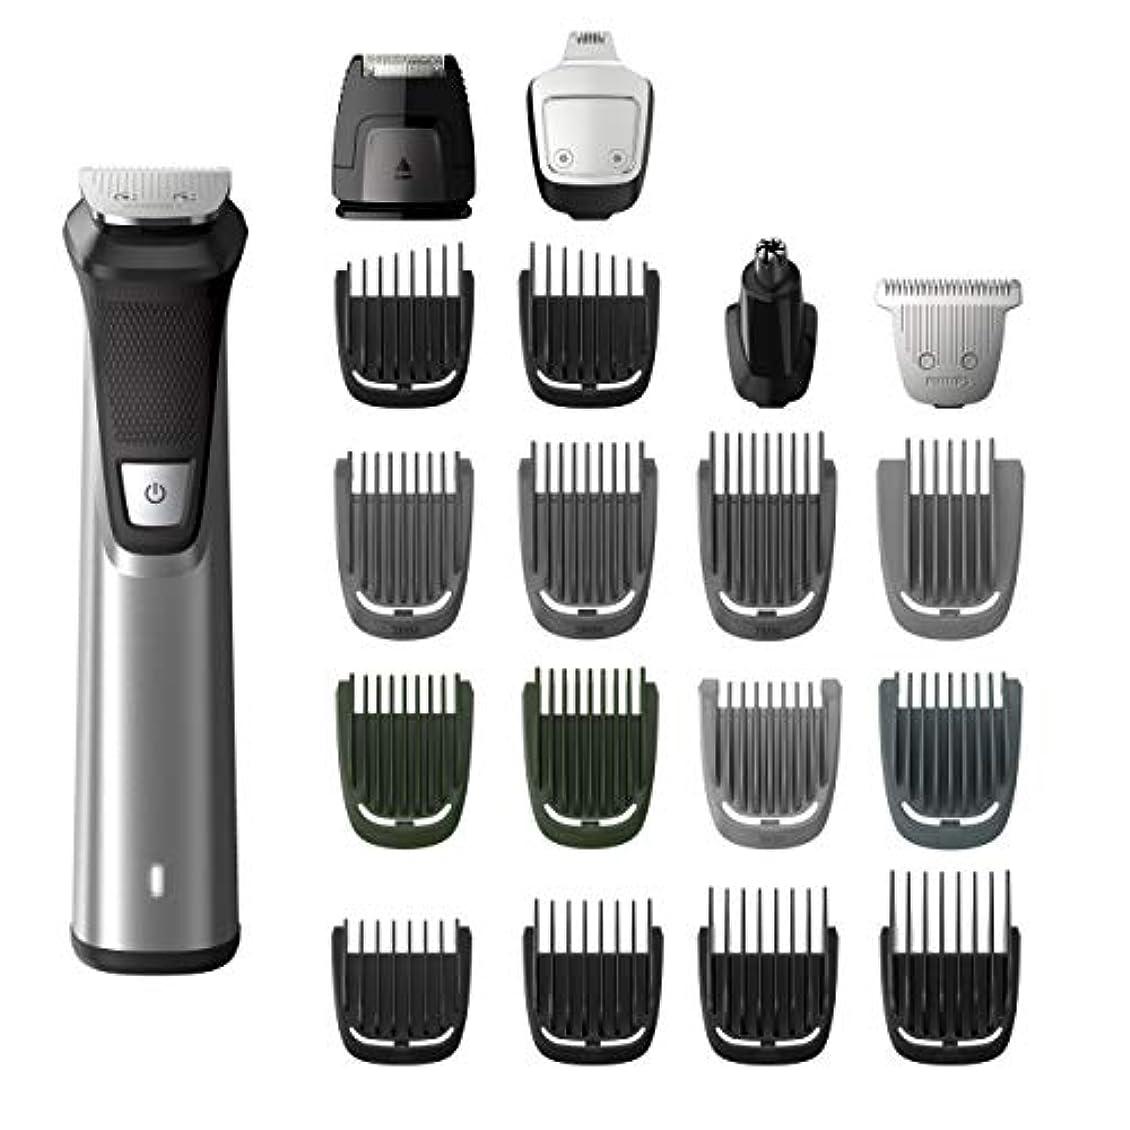 現代フォージビジョンPhilips Norelco MG7750/49 Multigroom 7000 Face Styler and Grooming Kit, 23 Trimming Pieces, DualCut Technology...